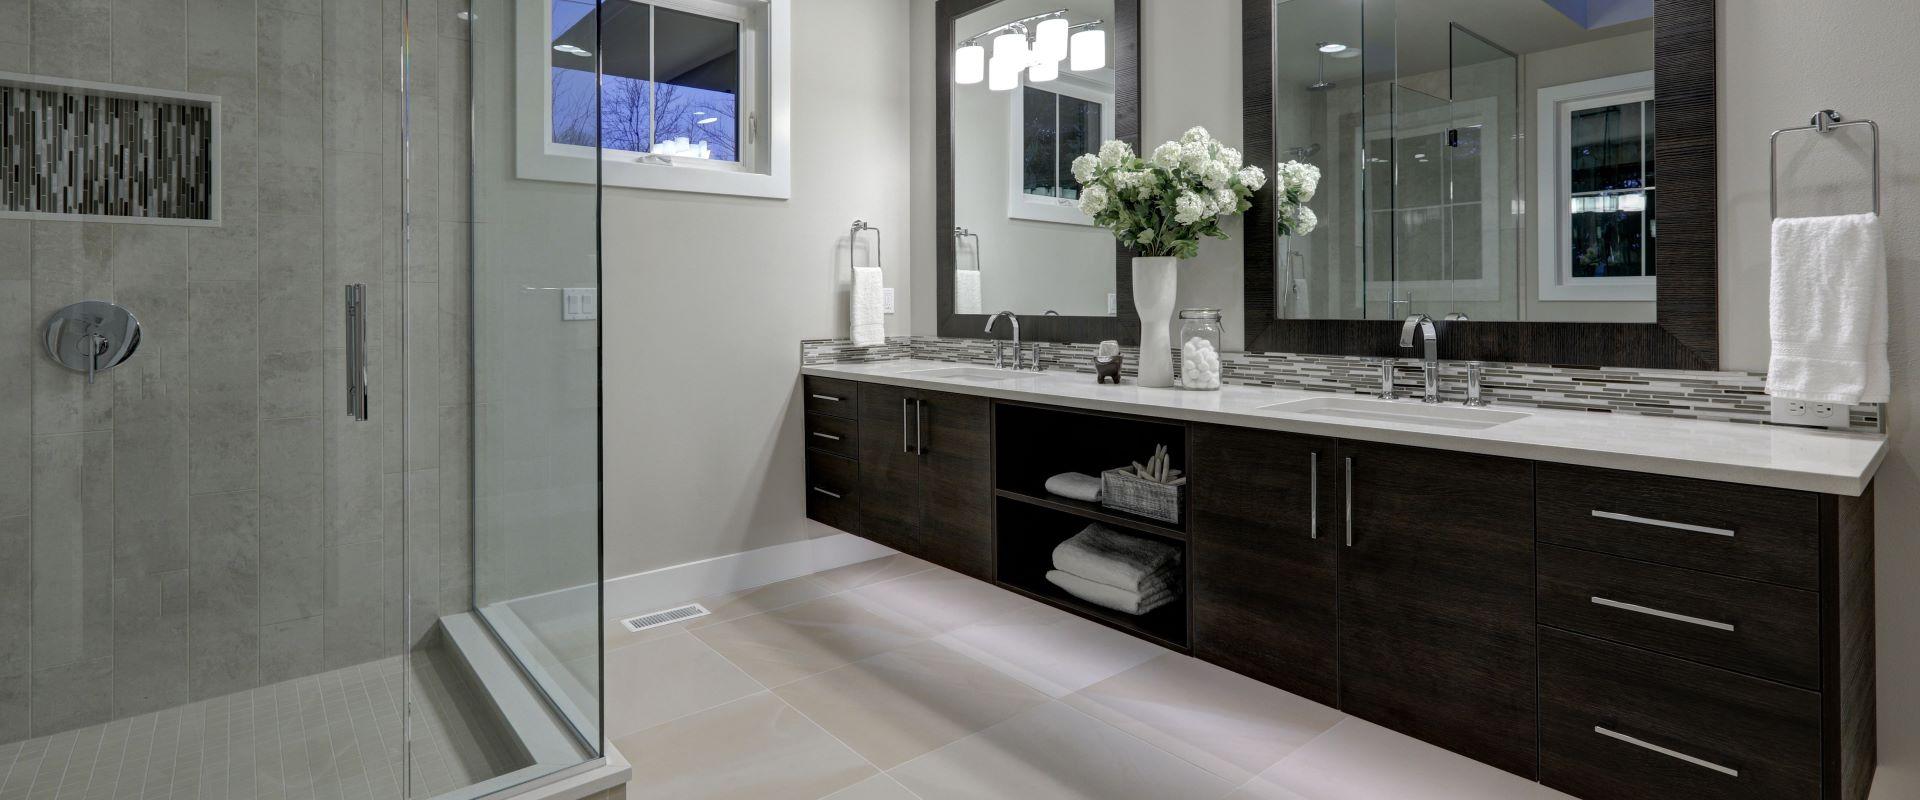 Vanit salle de bain st eustache sainte th r se boisbriand for Armoire de cuisine st eustache